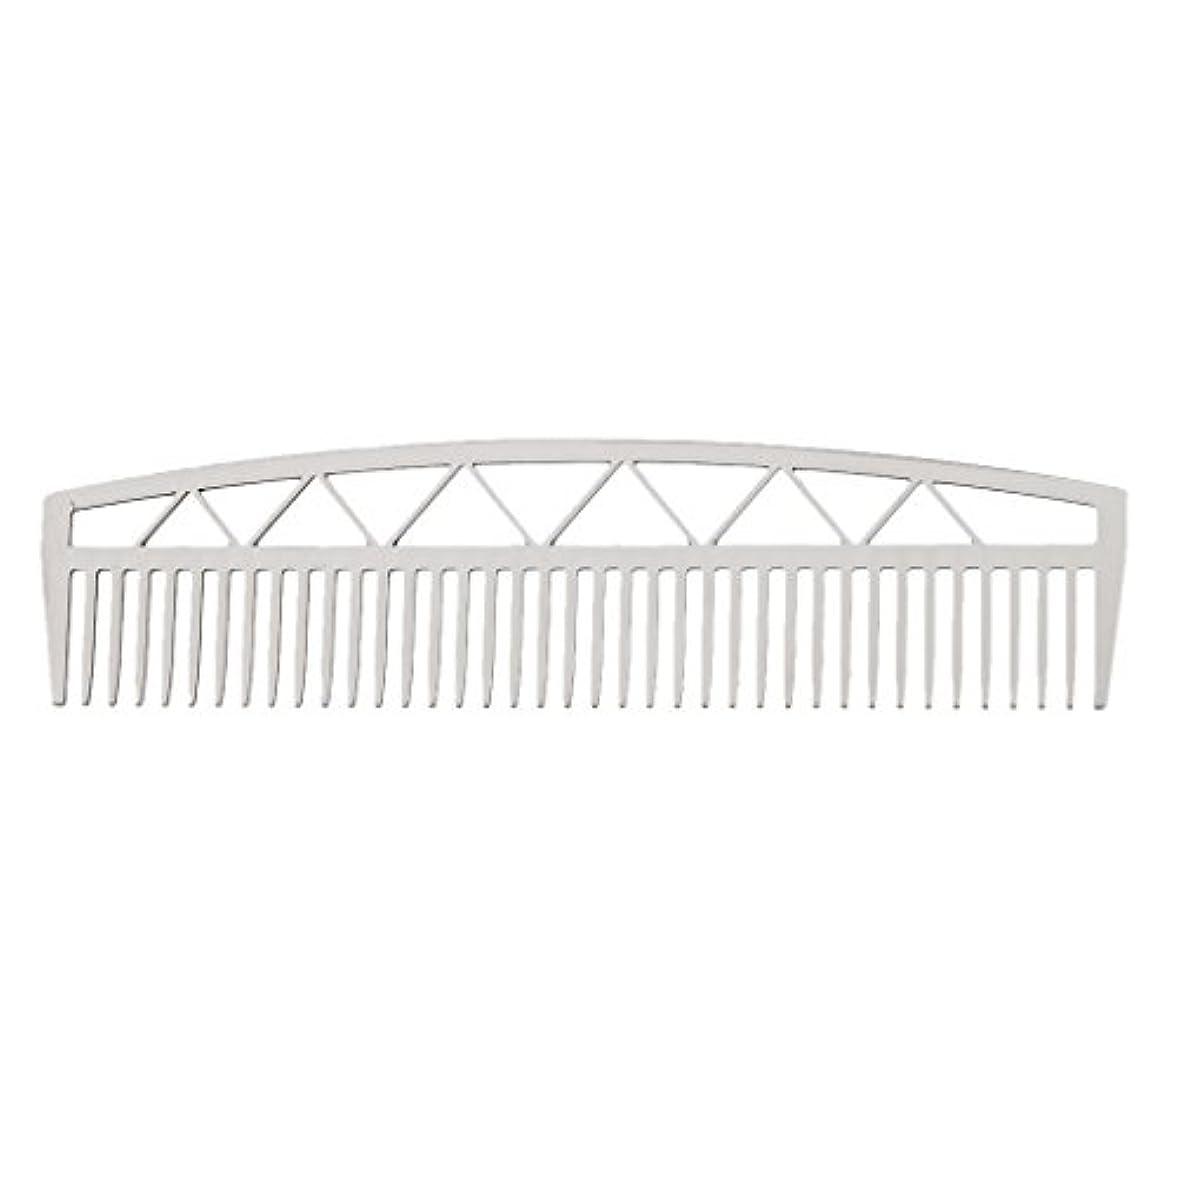 危険なコンチネンタル州Baosity ビアードコーム ヘアコーム ステンレス鋼 ひげ櫛 メンズ 便利 2タイプ  - #2